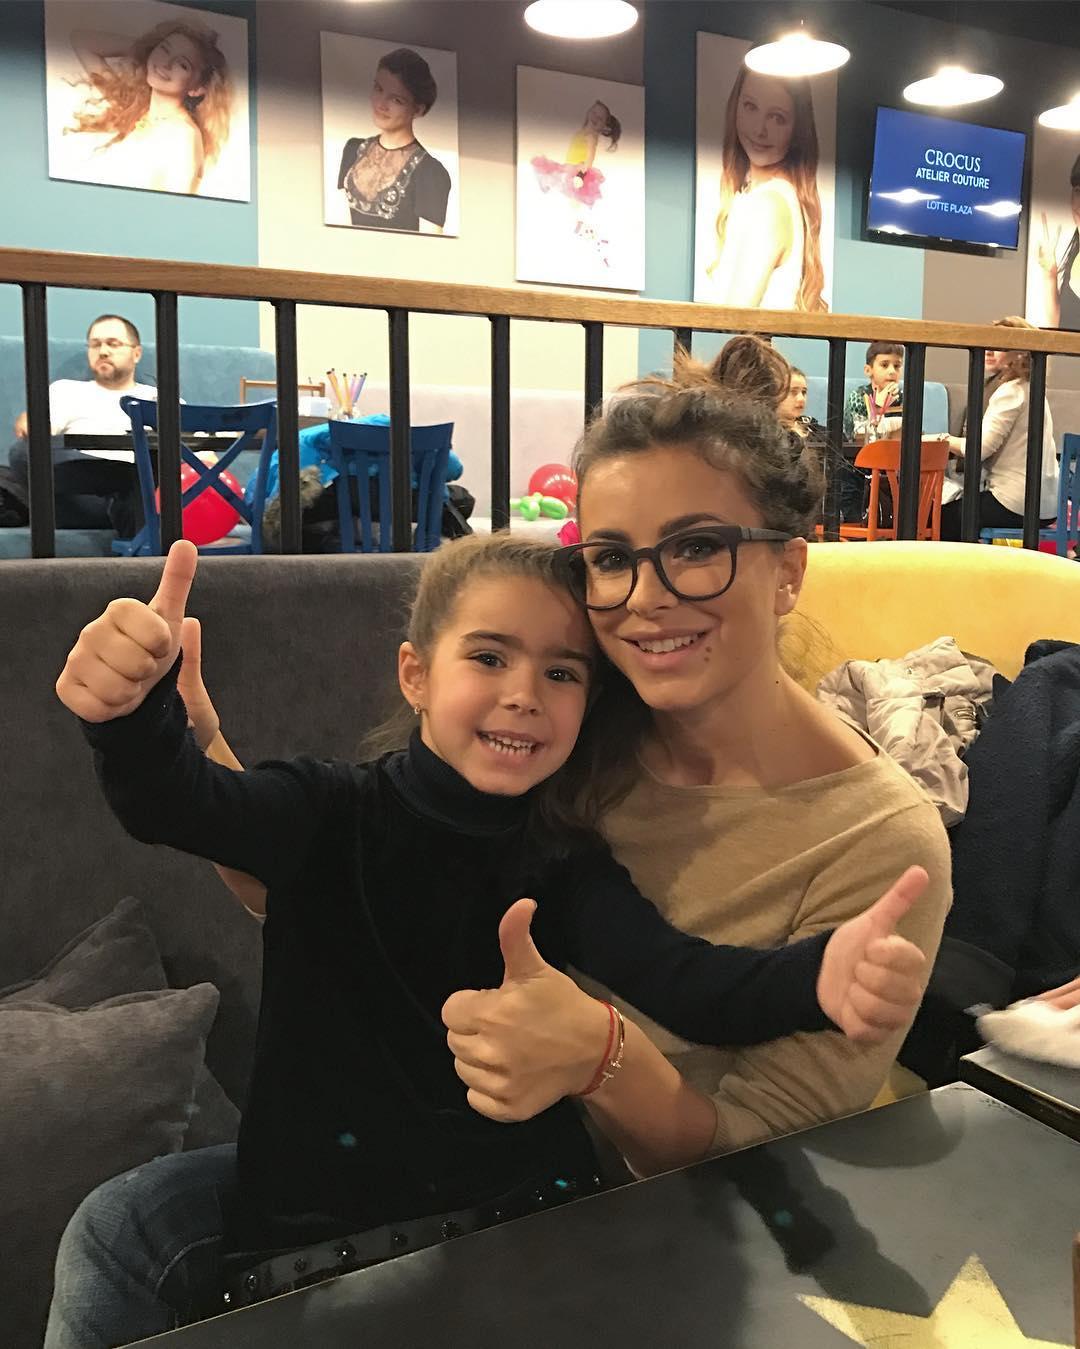 Ани Лорак поделилась новой фотографией с дочкой Софией